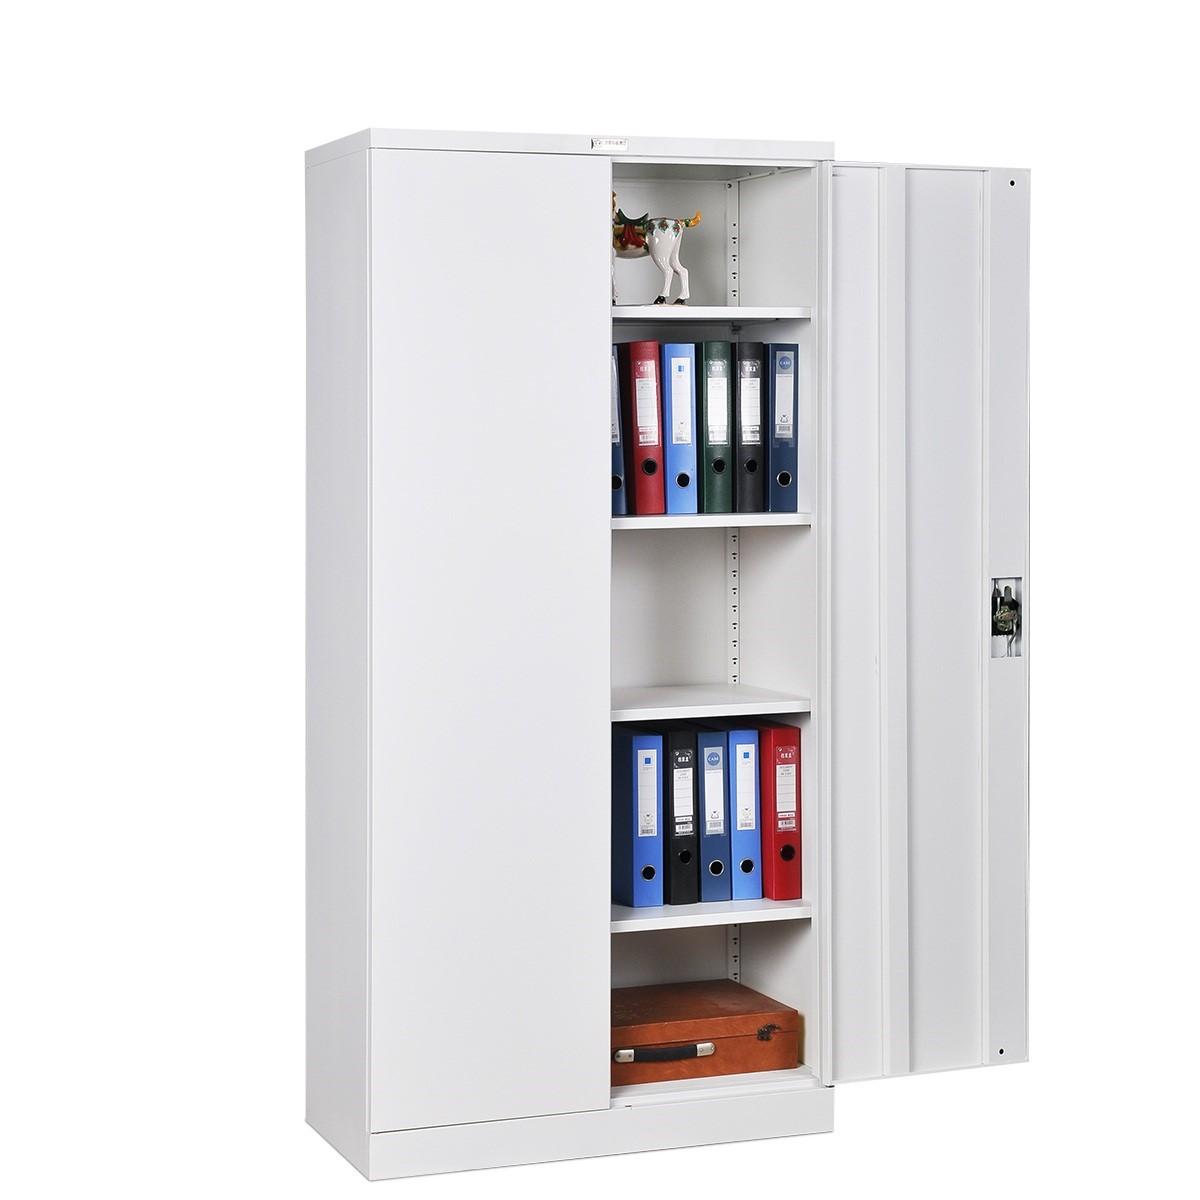 Tủ hồ sơ Filing Cabinet - HUADU - HDW-C02